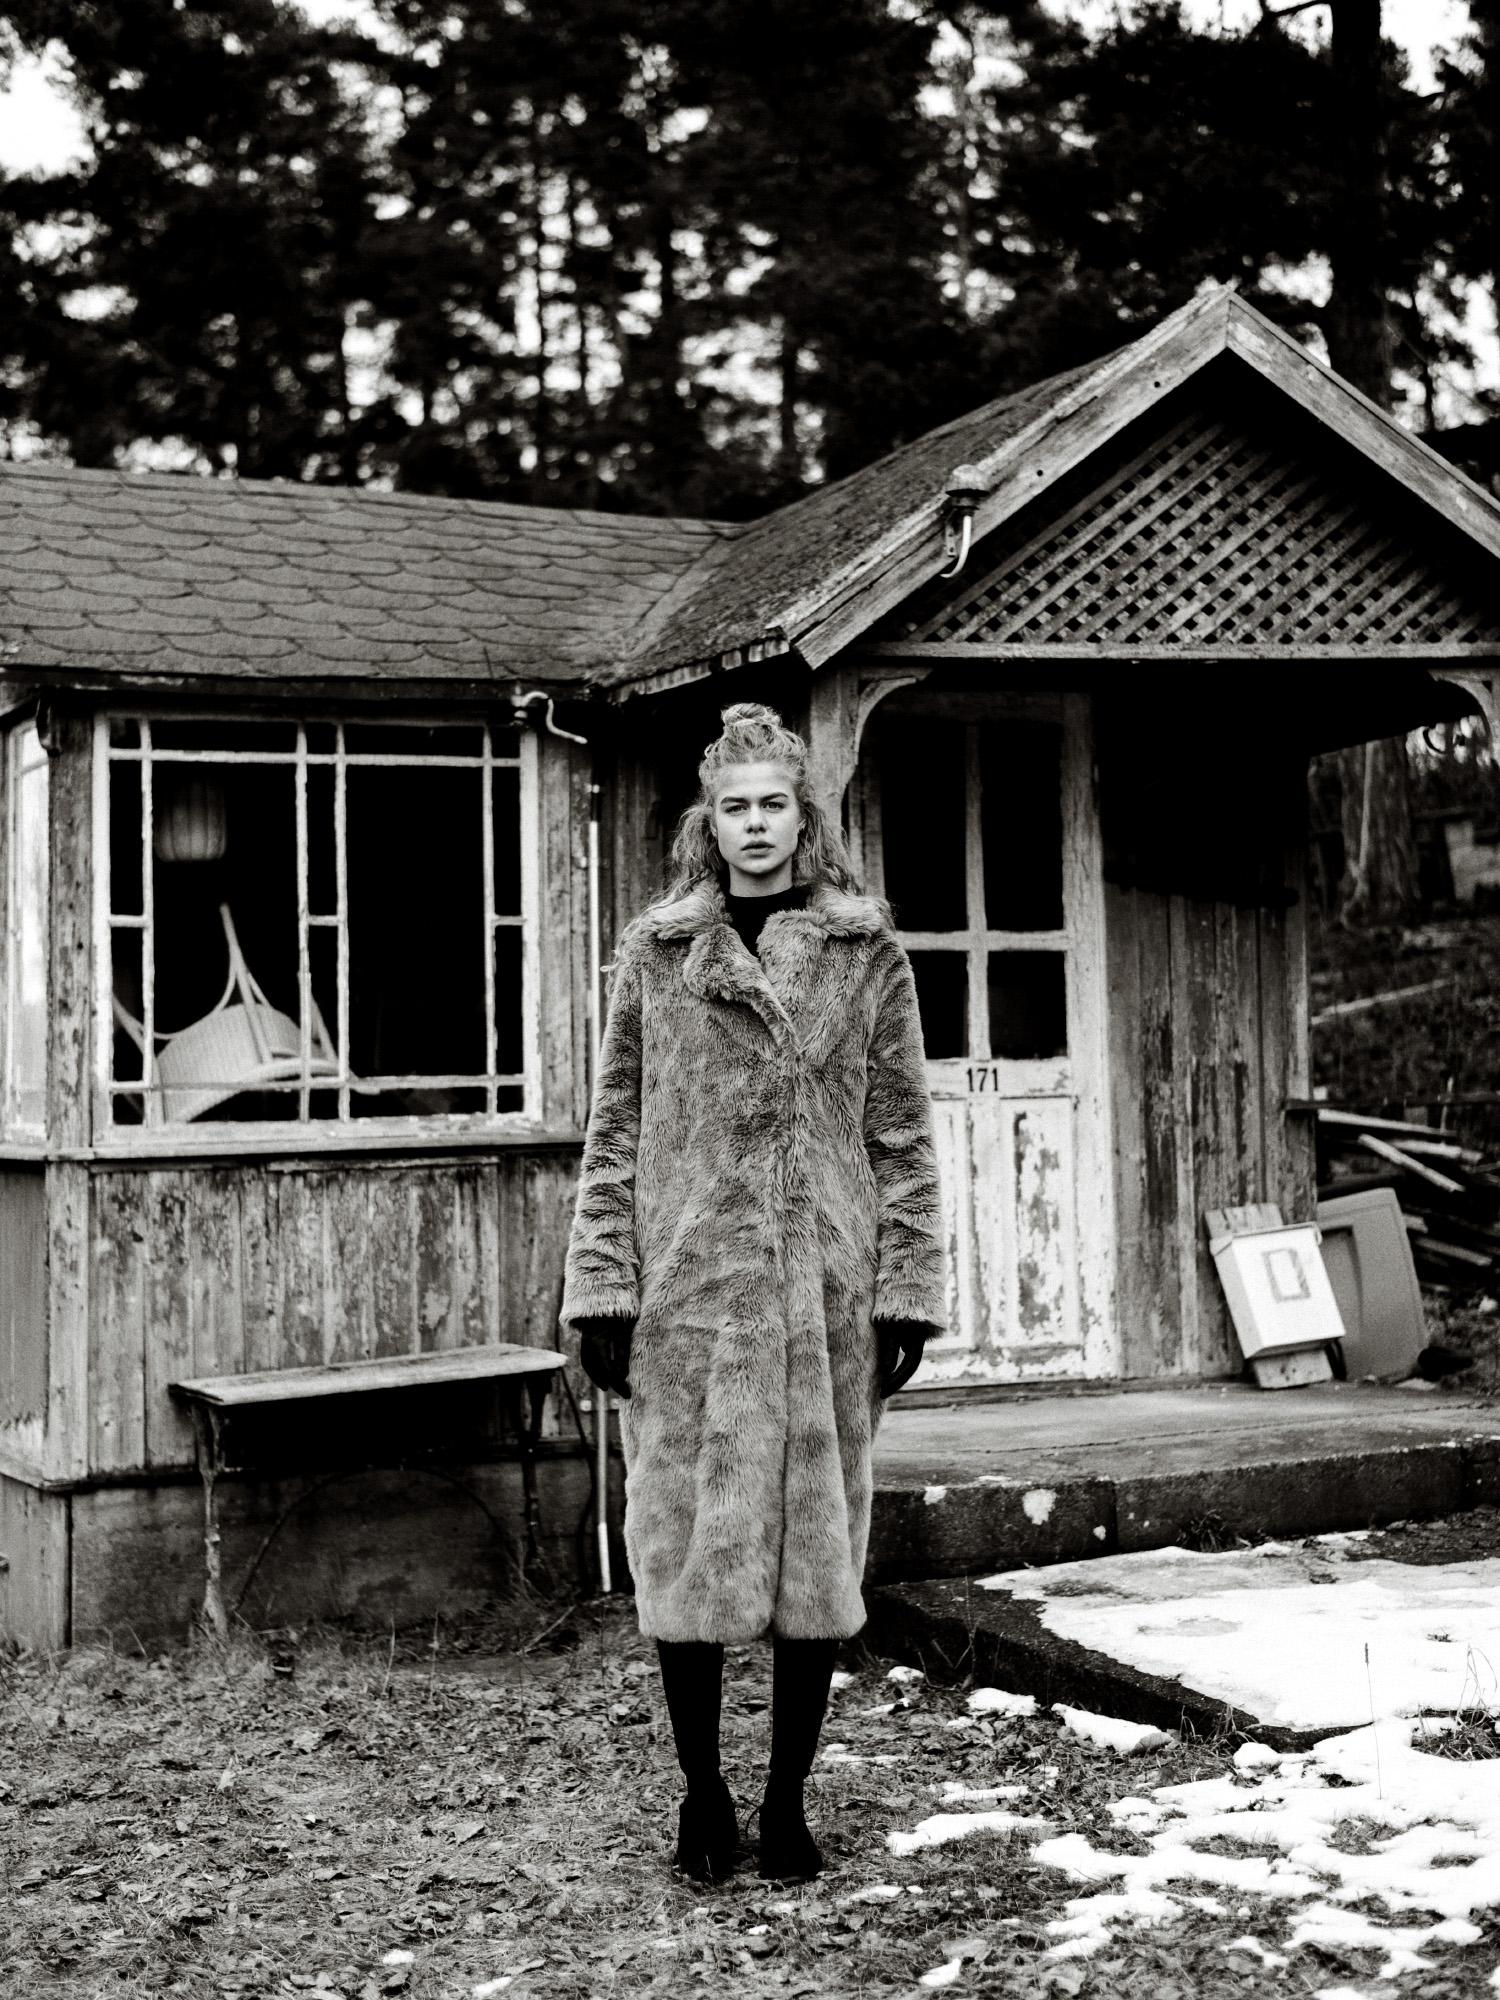 Paul_Schmidt_Photography_Frida_Aasegg_Oslo_05